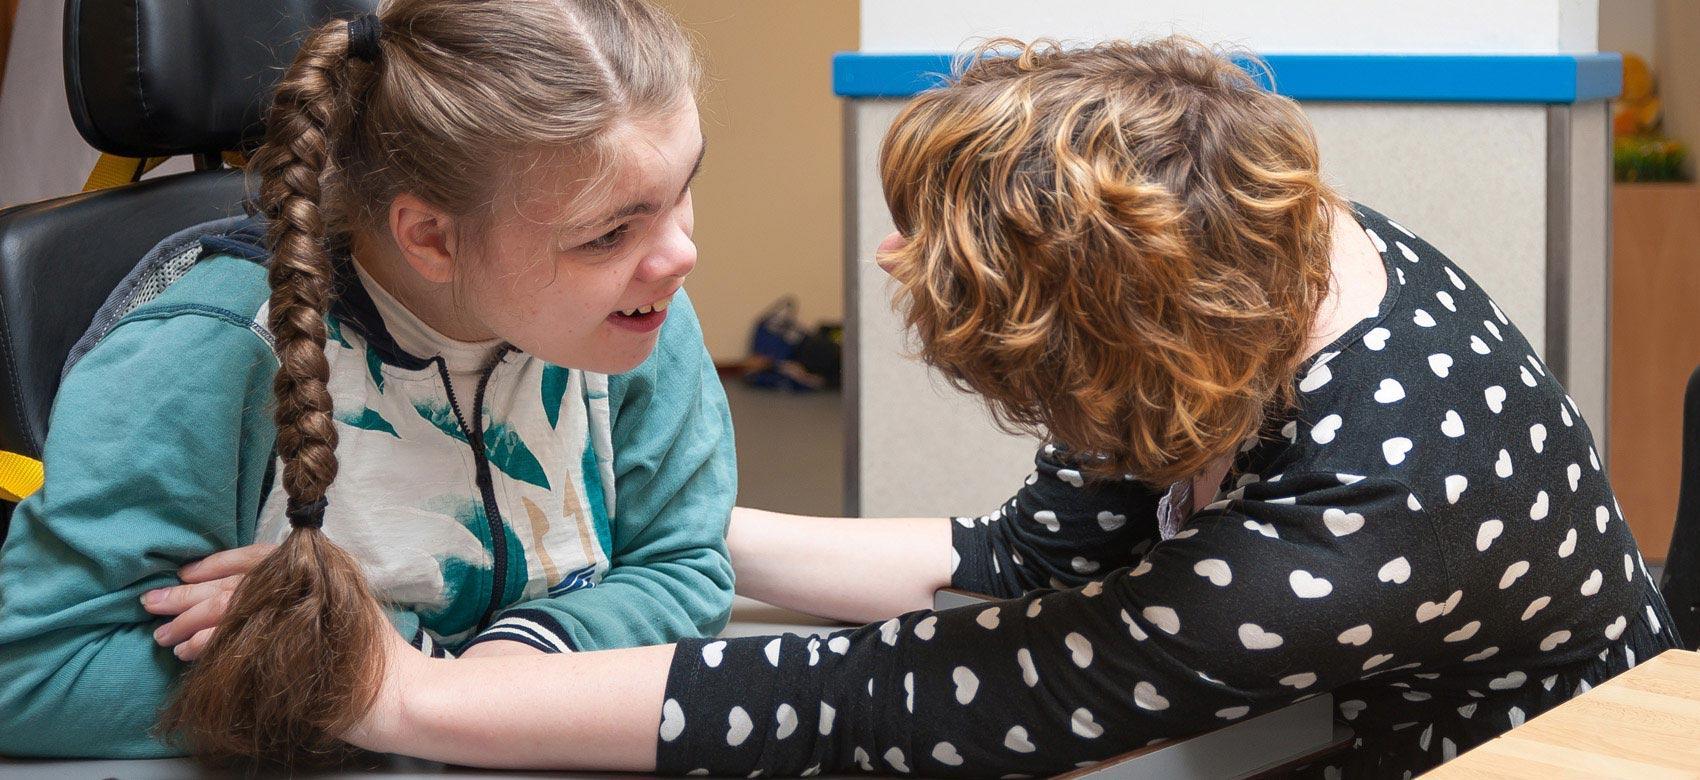 Trabajadora social atendiendo a una niña con discapacidad